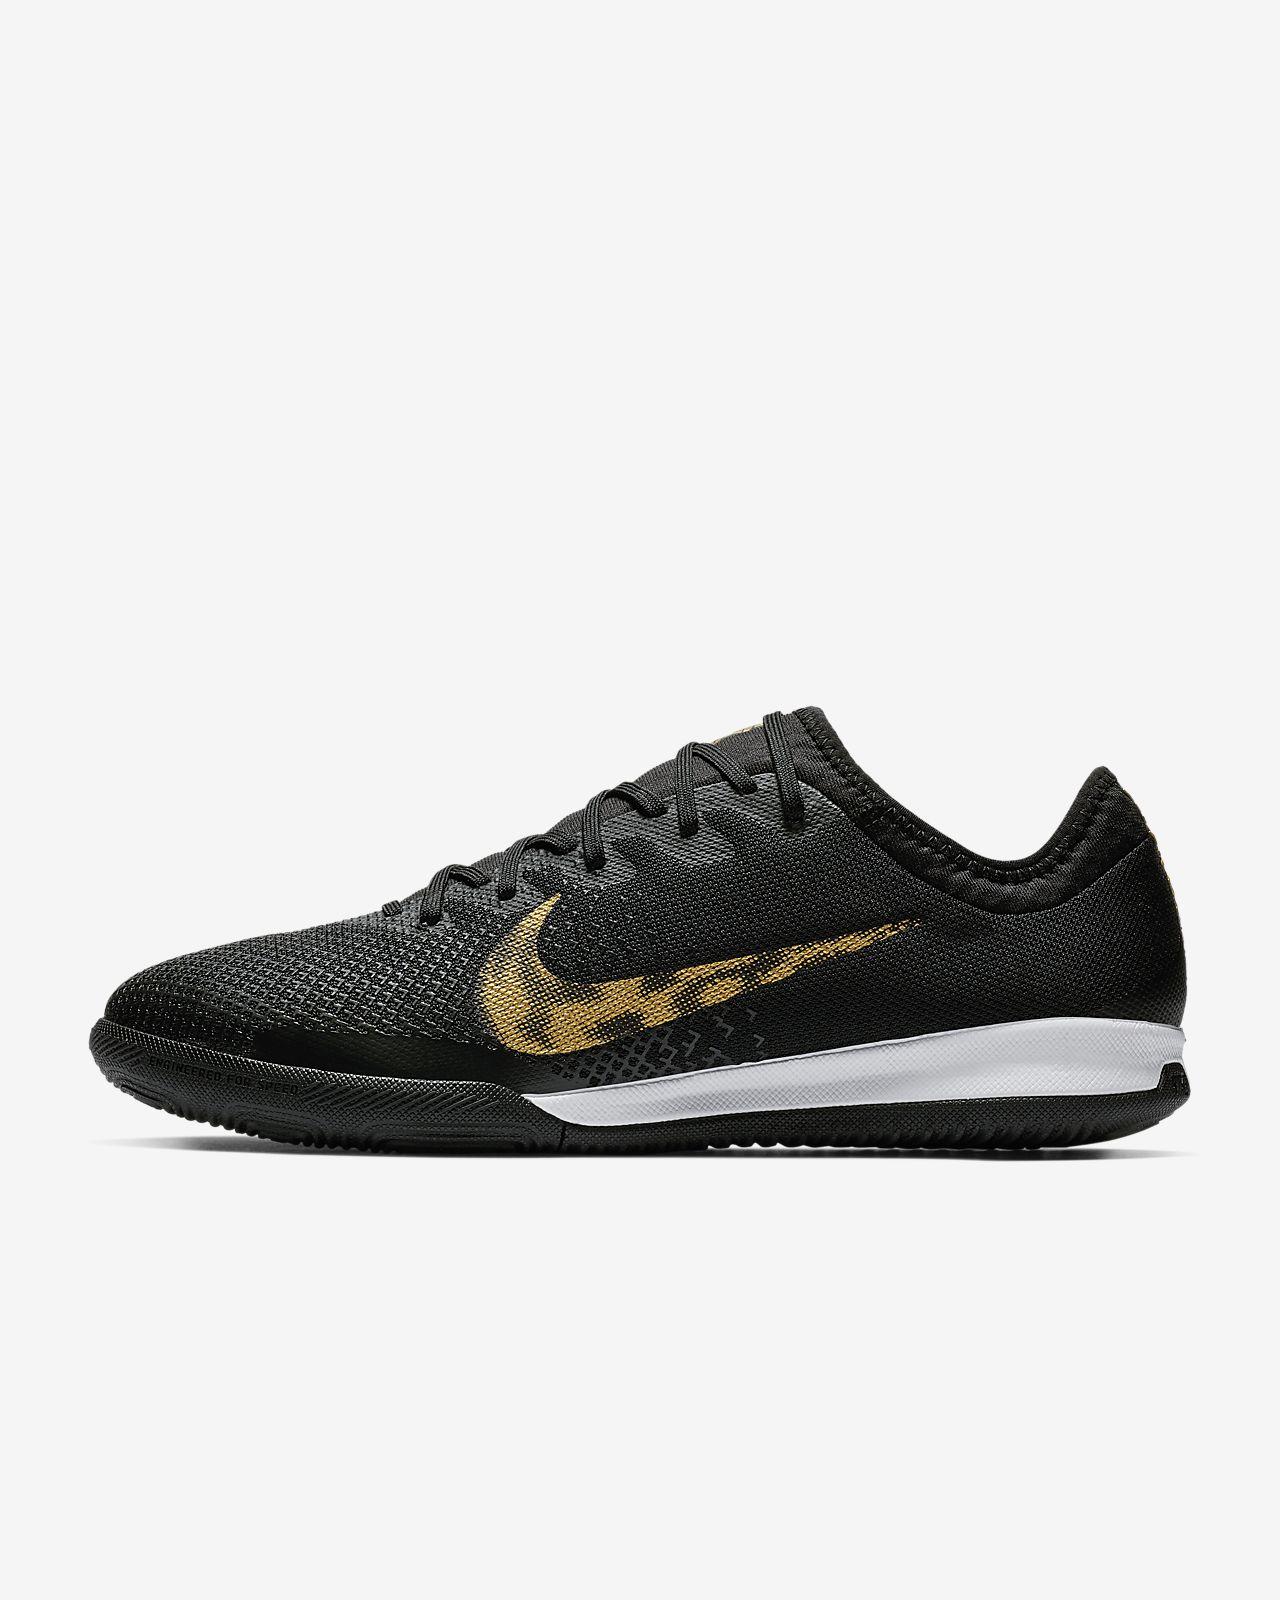 Nike MercurialX Vapor XII Pro Indoor/Court Soccer Shoe